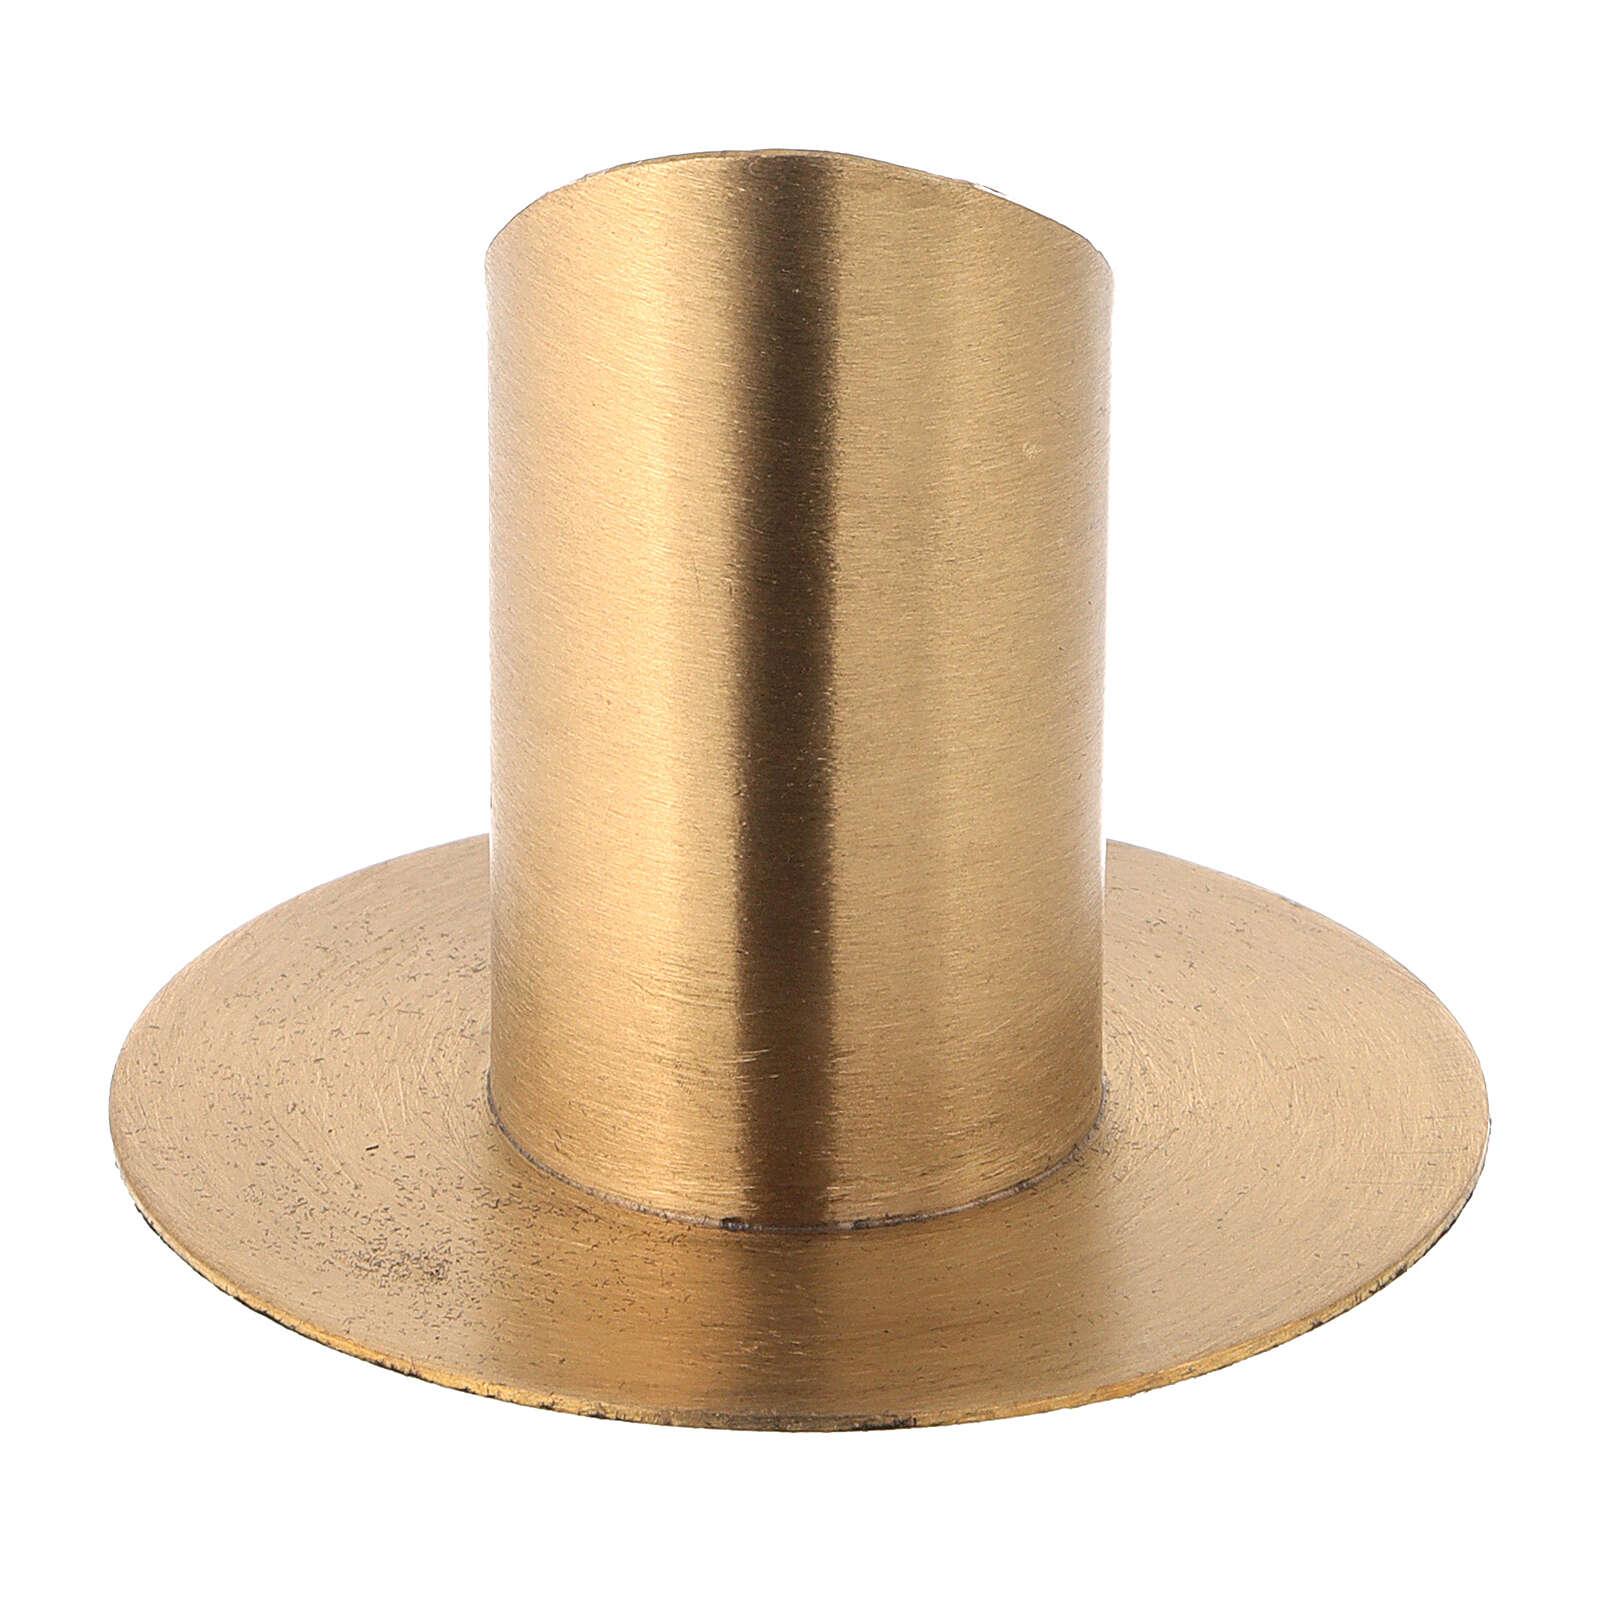 Portavela latón niquelado satinado diámetro 3,5 cm 4